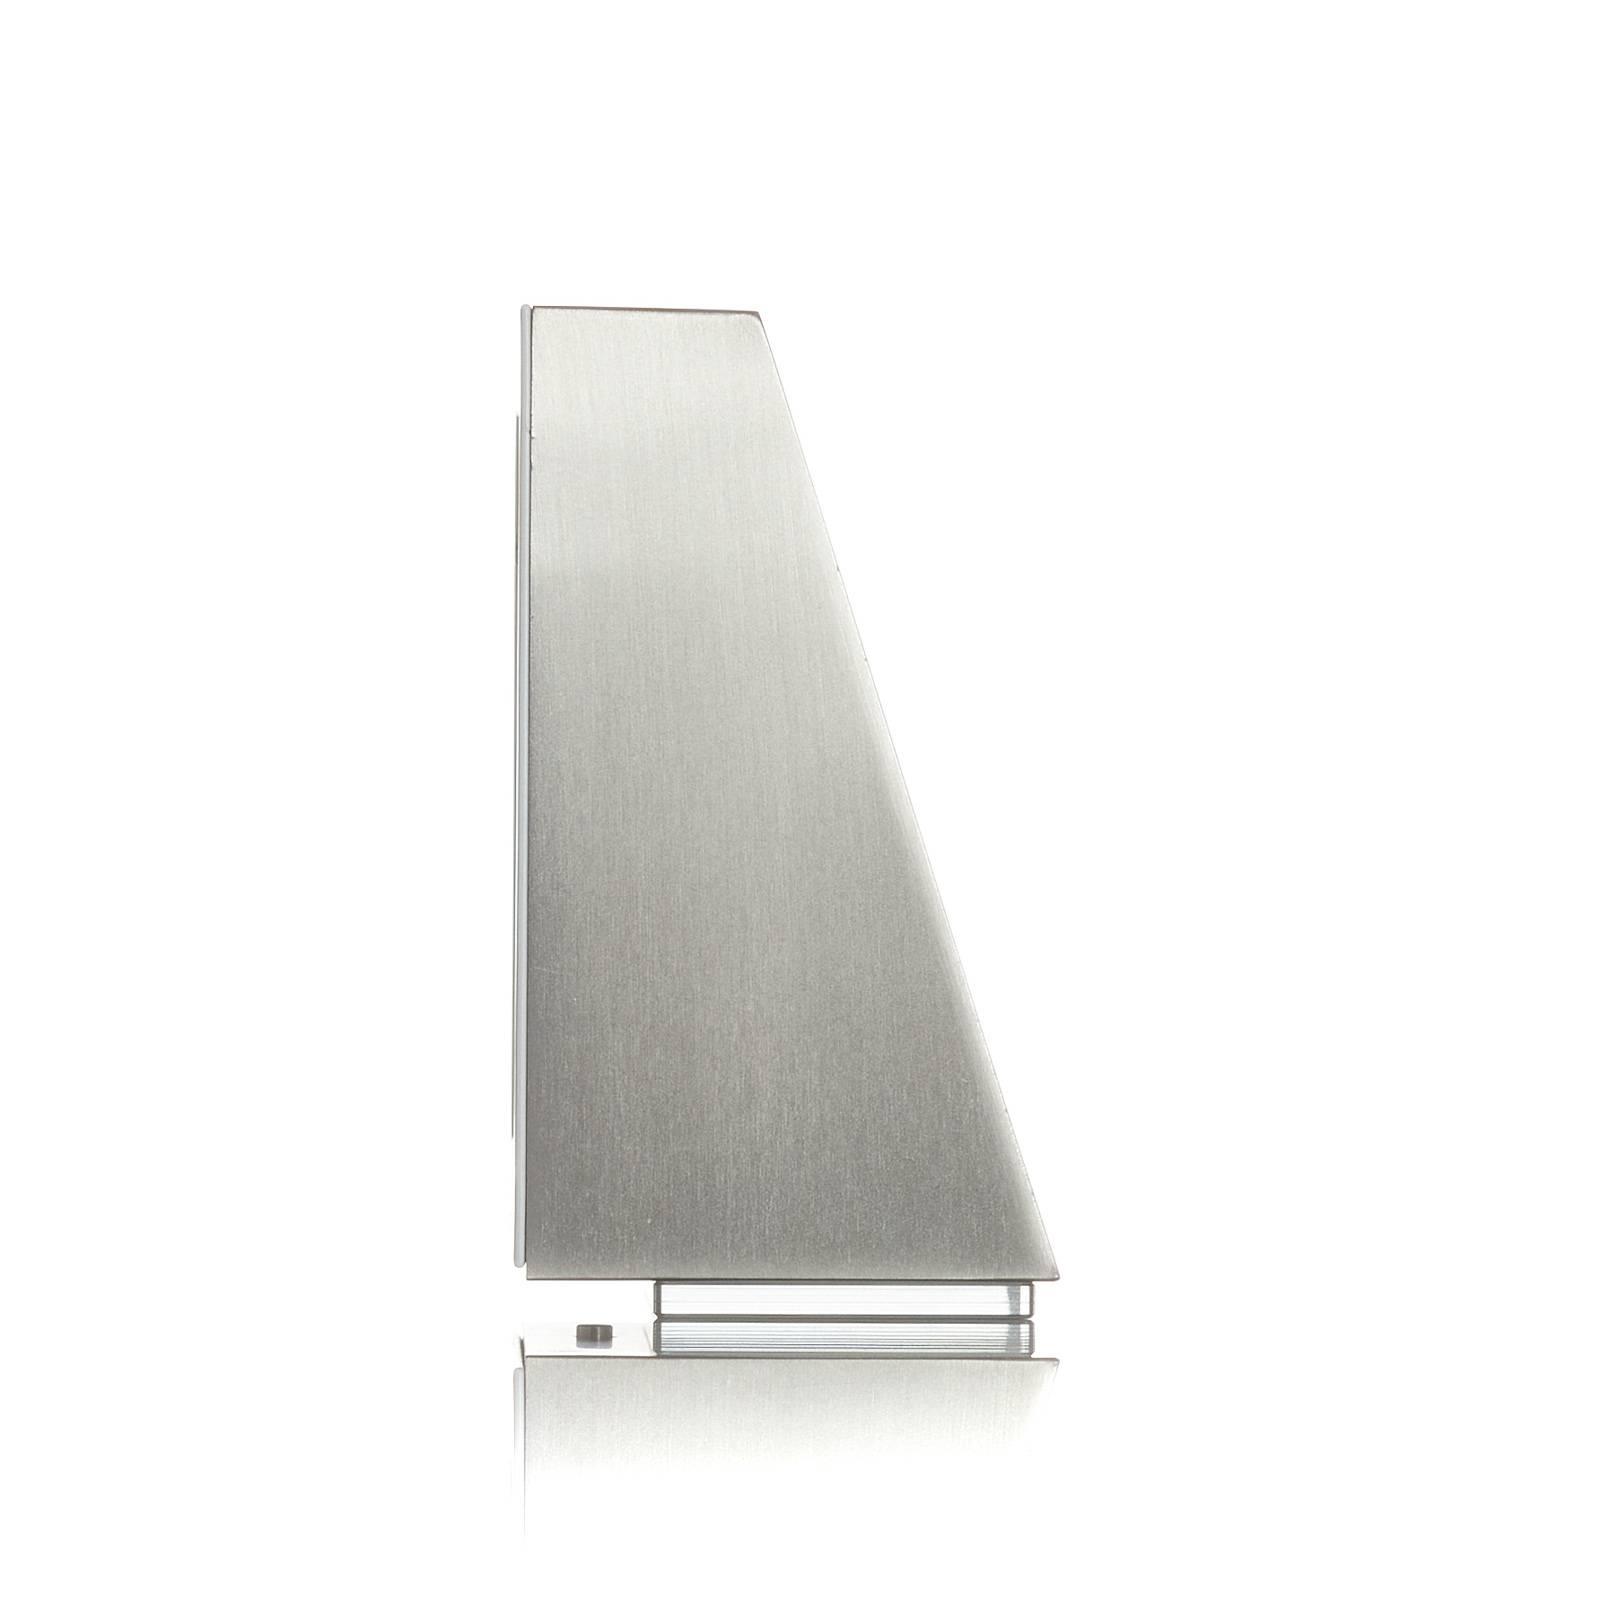 BEGA 78052 applique trapèze 3000K 18cm acier 510lm